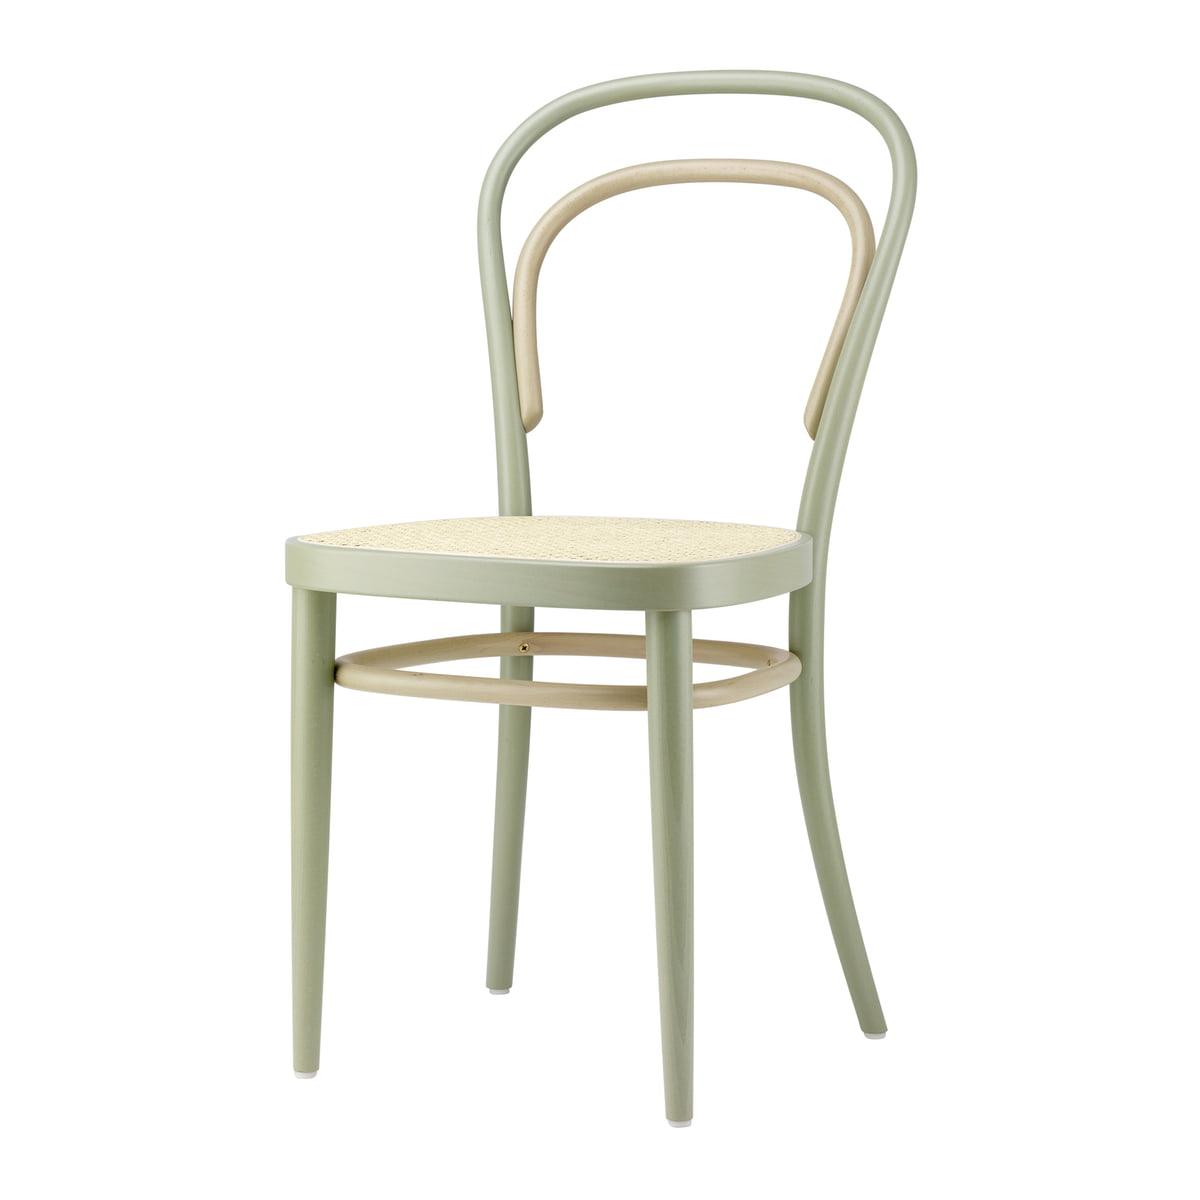 Thonet - 214 Bugholzstuhl, Rohrgeflecht mit Kunststoffstützgewebe / Buche Two-Tone Salbei (Sonderedition) | Küche und Esszimmer > Stühle und Hocker > Holzstühle | Thonet